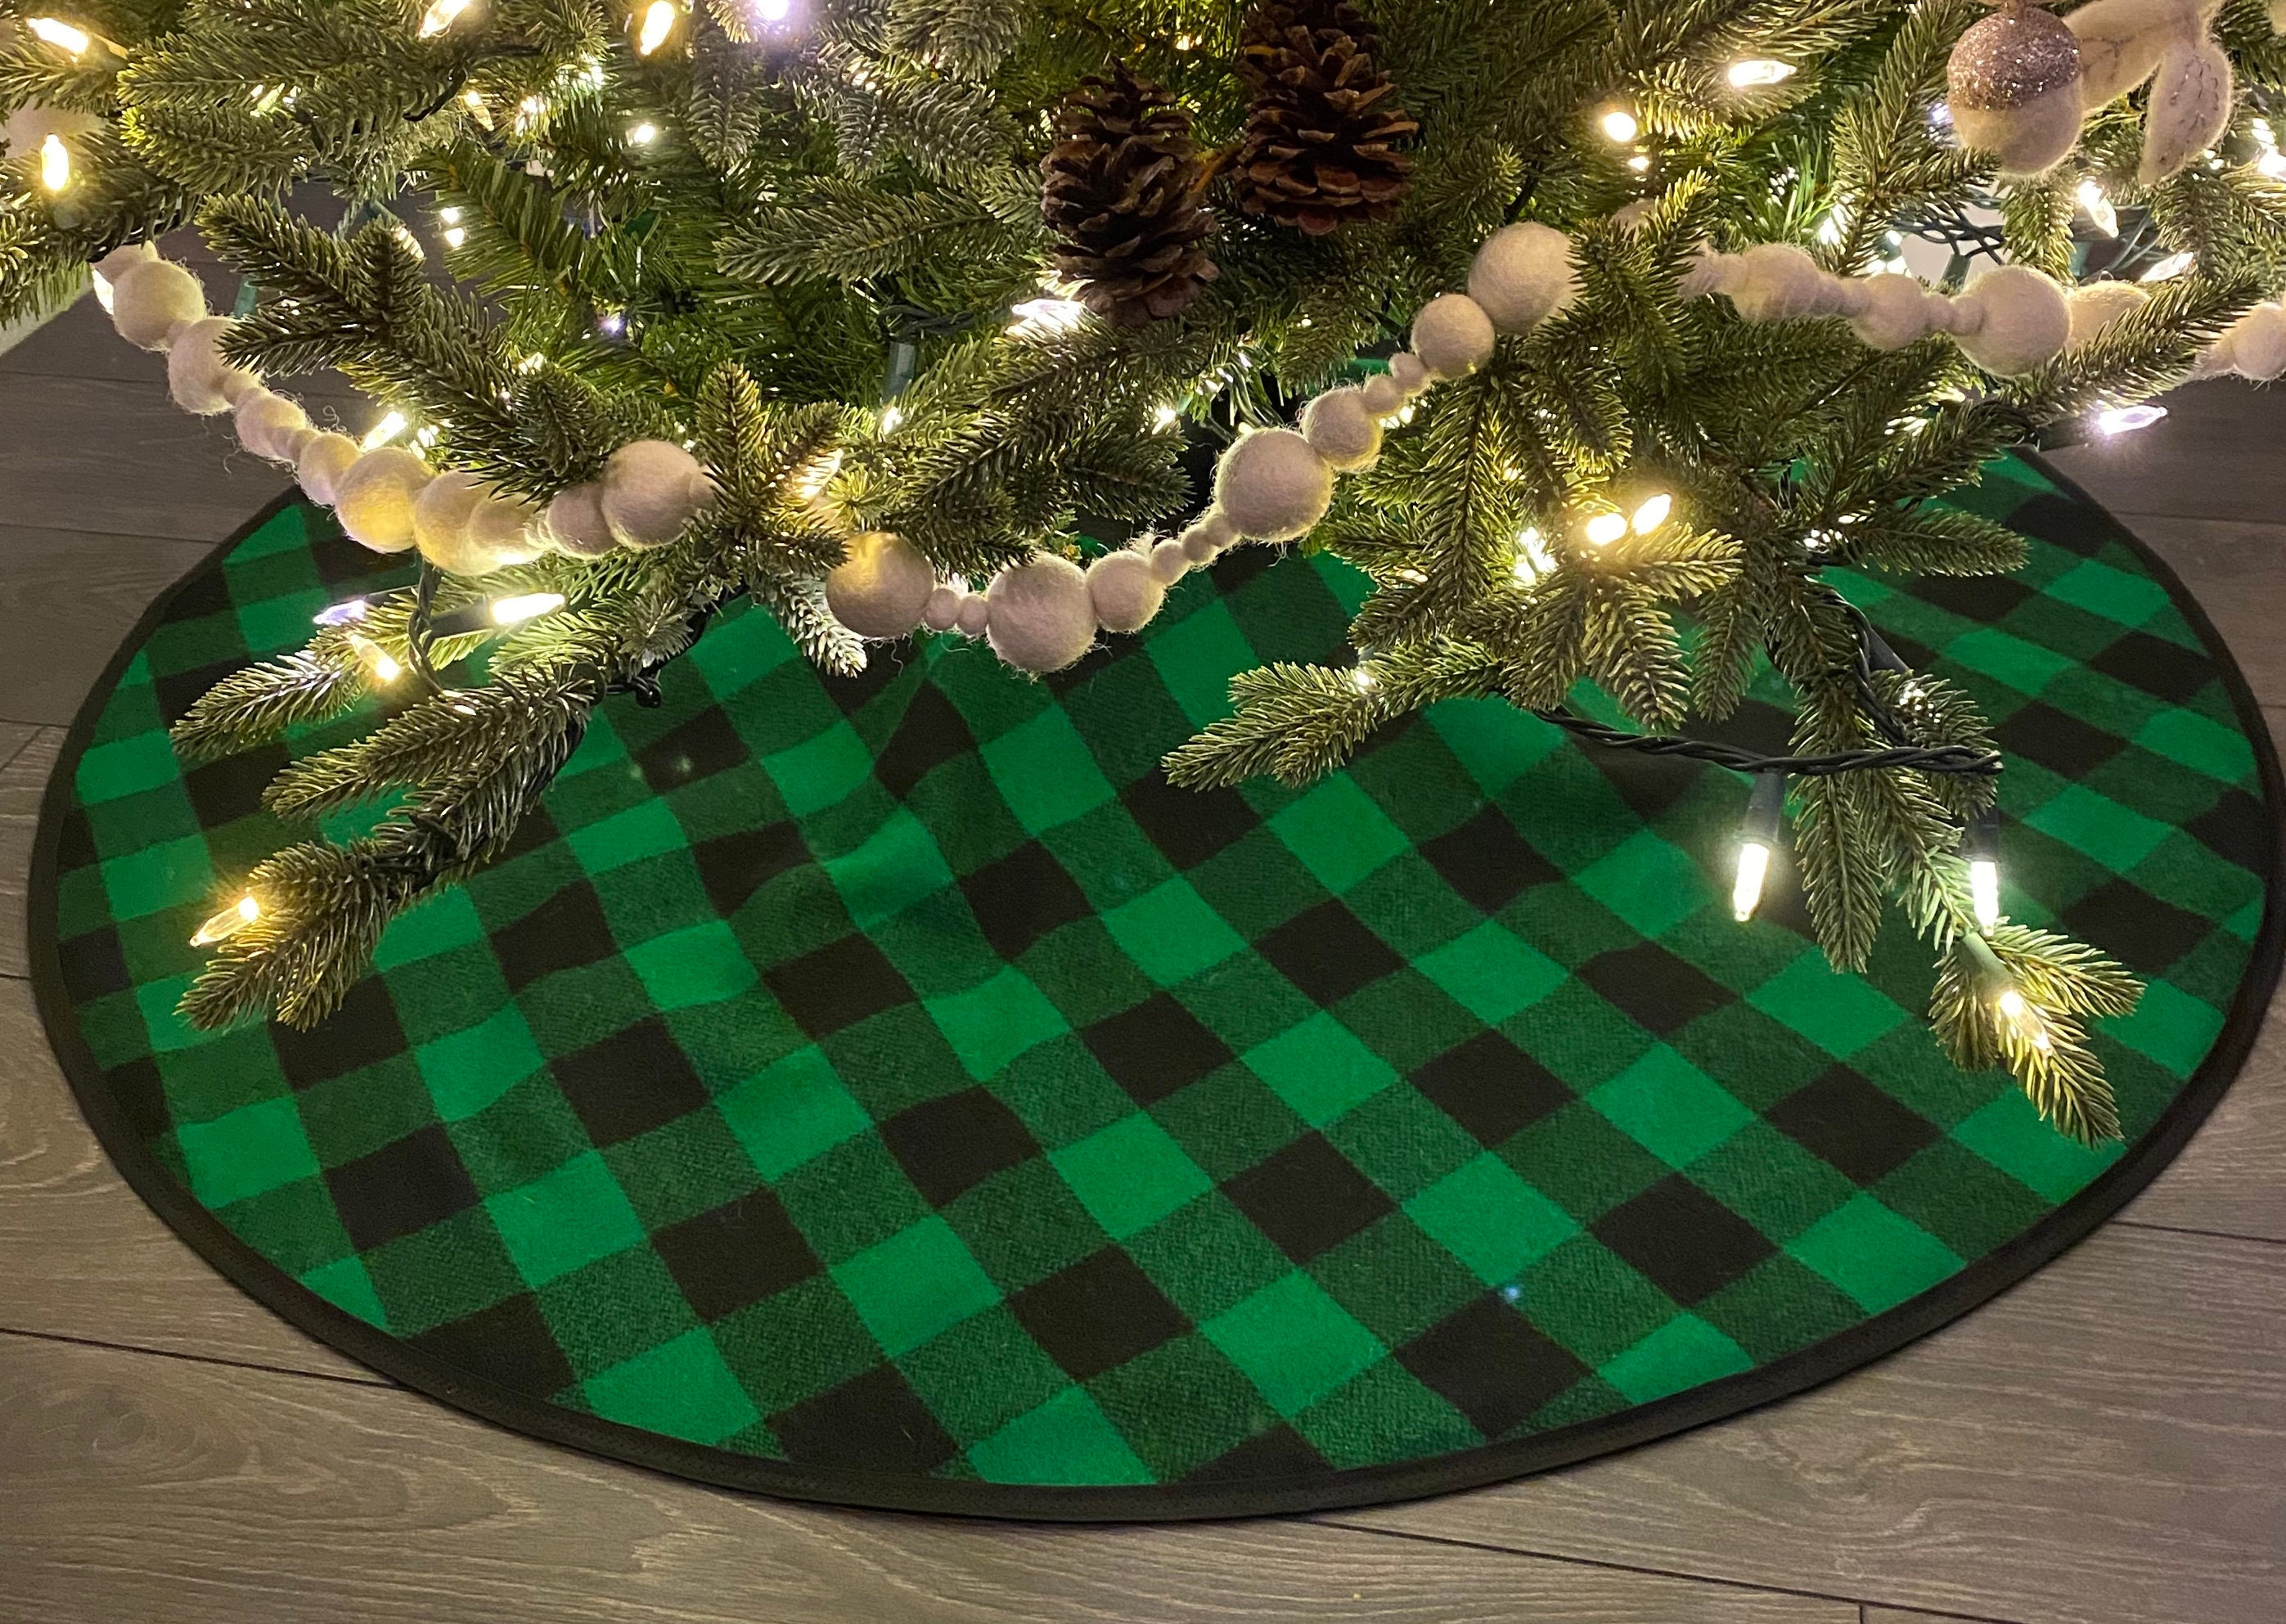 Limited Edition Hunter Green Buffalo Check Christmas Tree Skirt